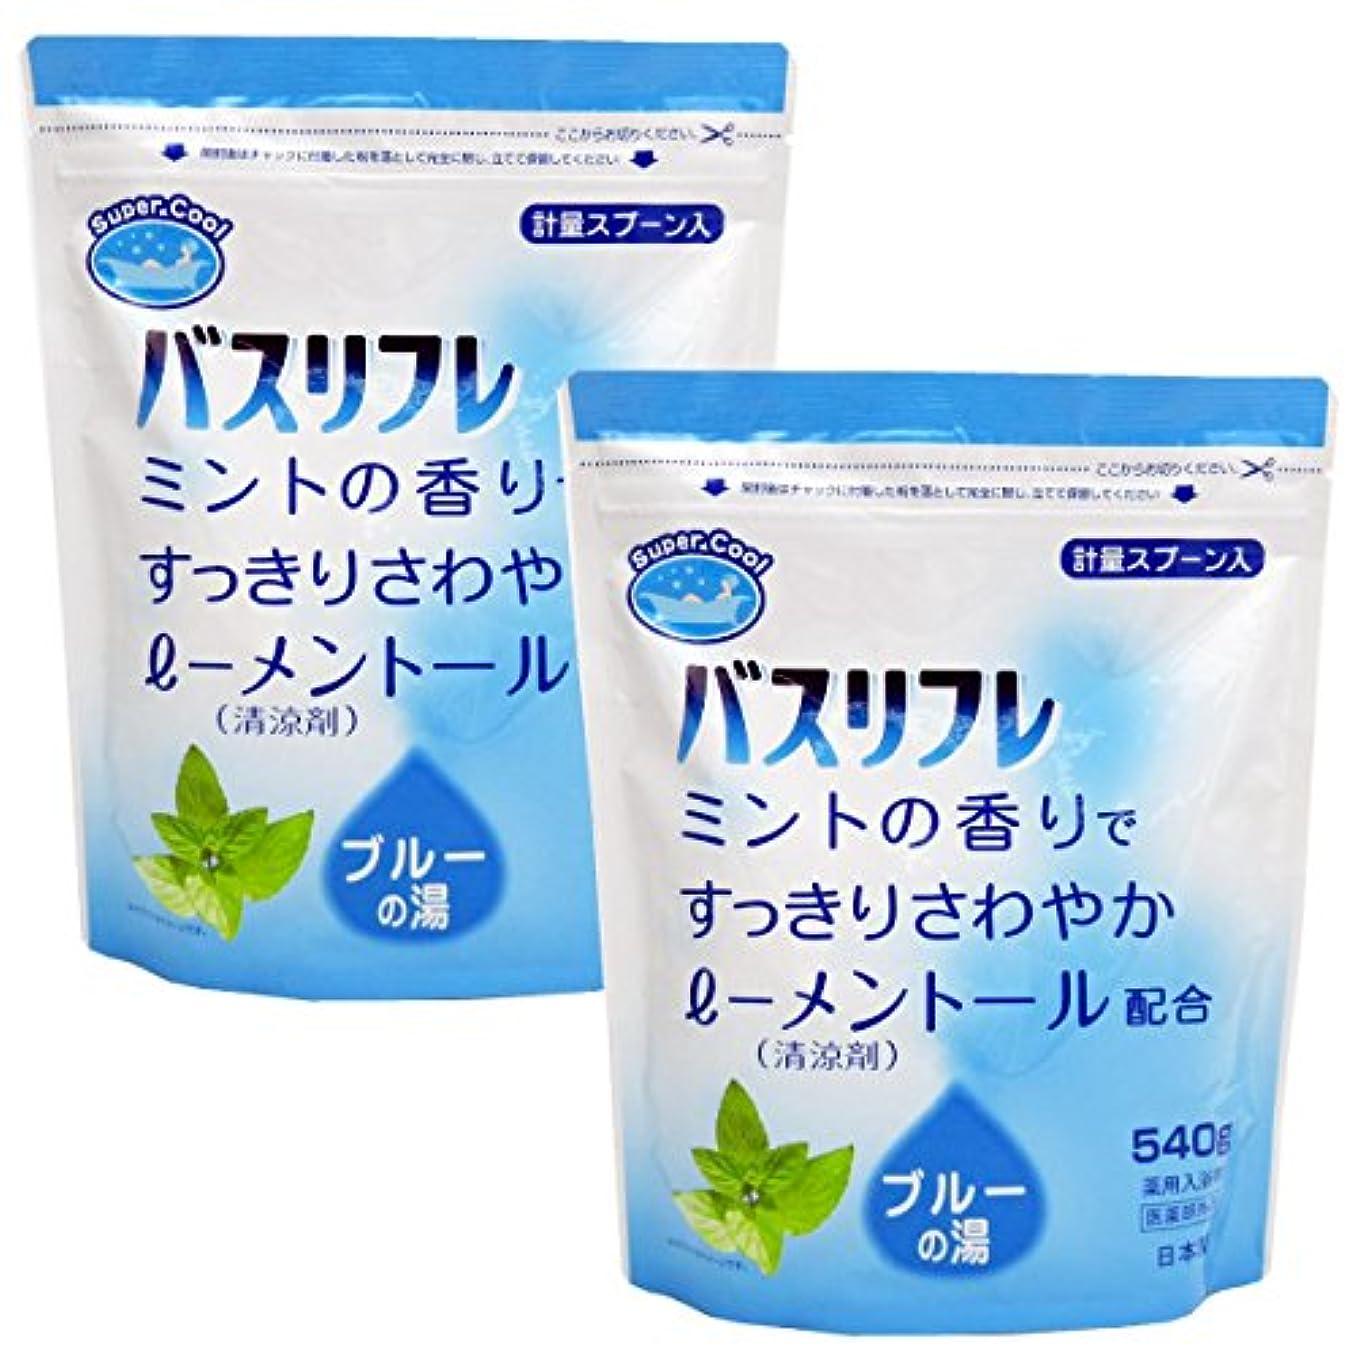 感染するひねりペイン入浴剤 クール 薬用入浴剤 バスリフレ スーパークール540g×2個セット 日本製